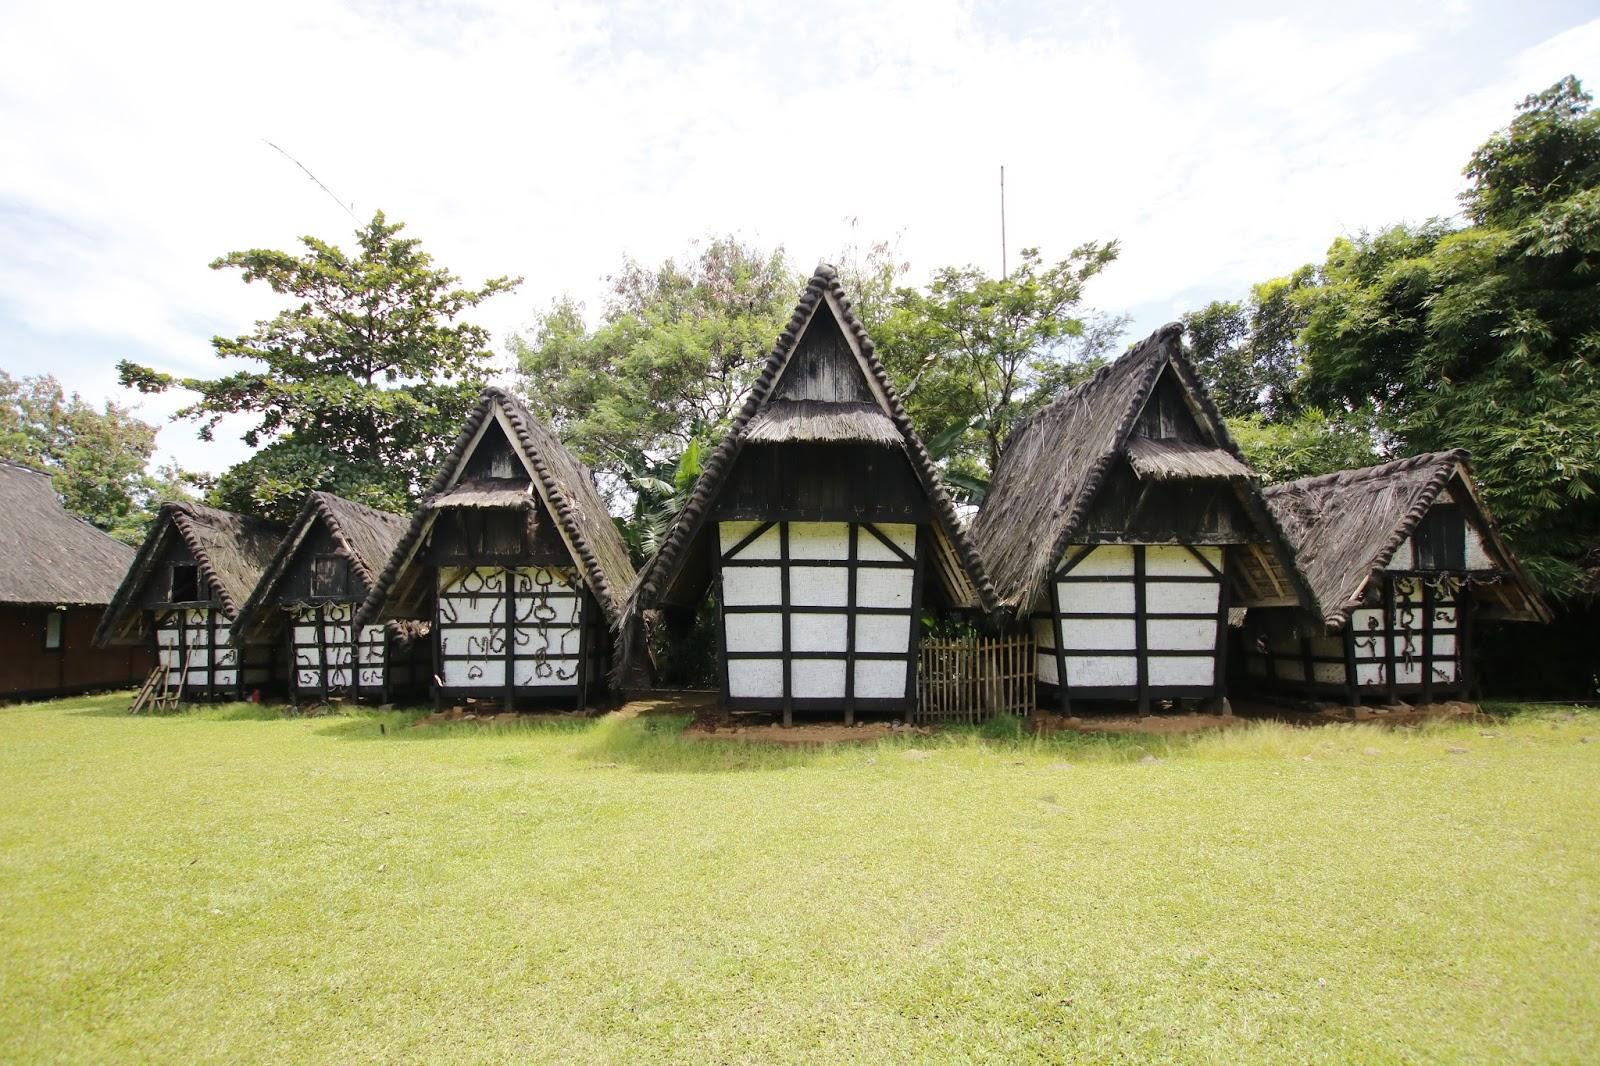 Kampung Sindang Barang Saksi Budaya Sunda Bogor Afkar Aristo Siapa